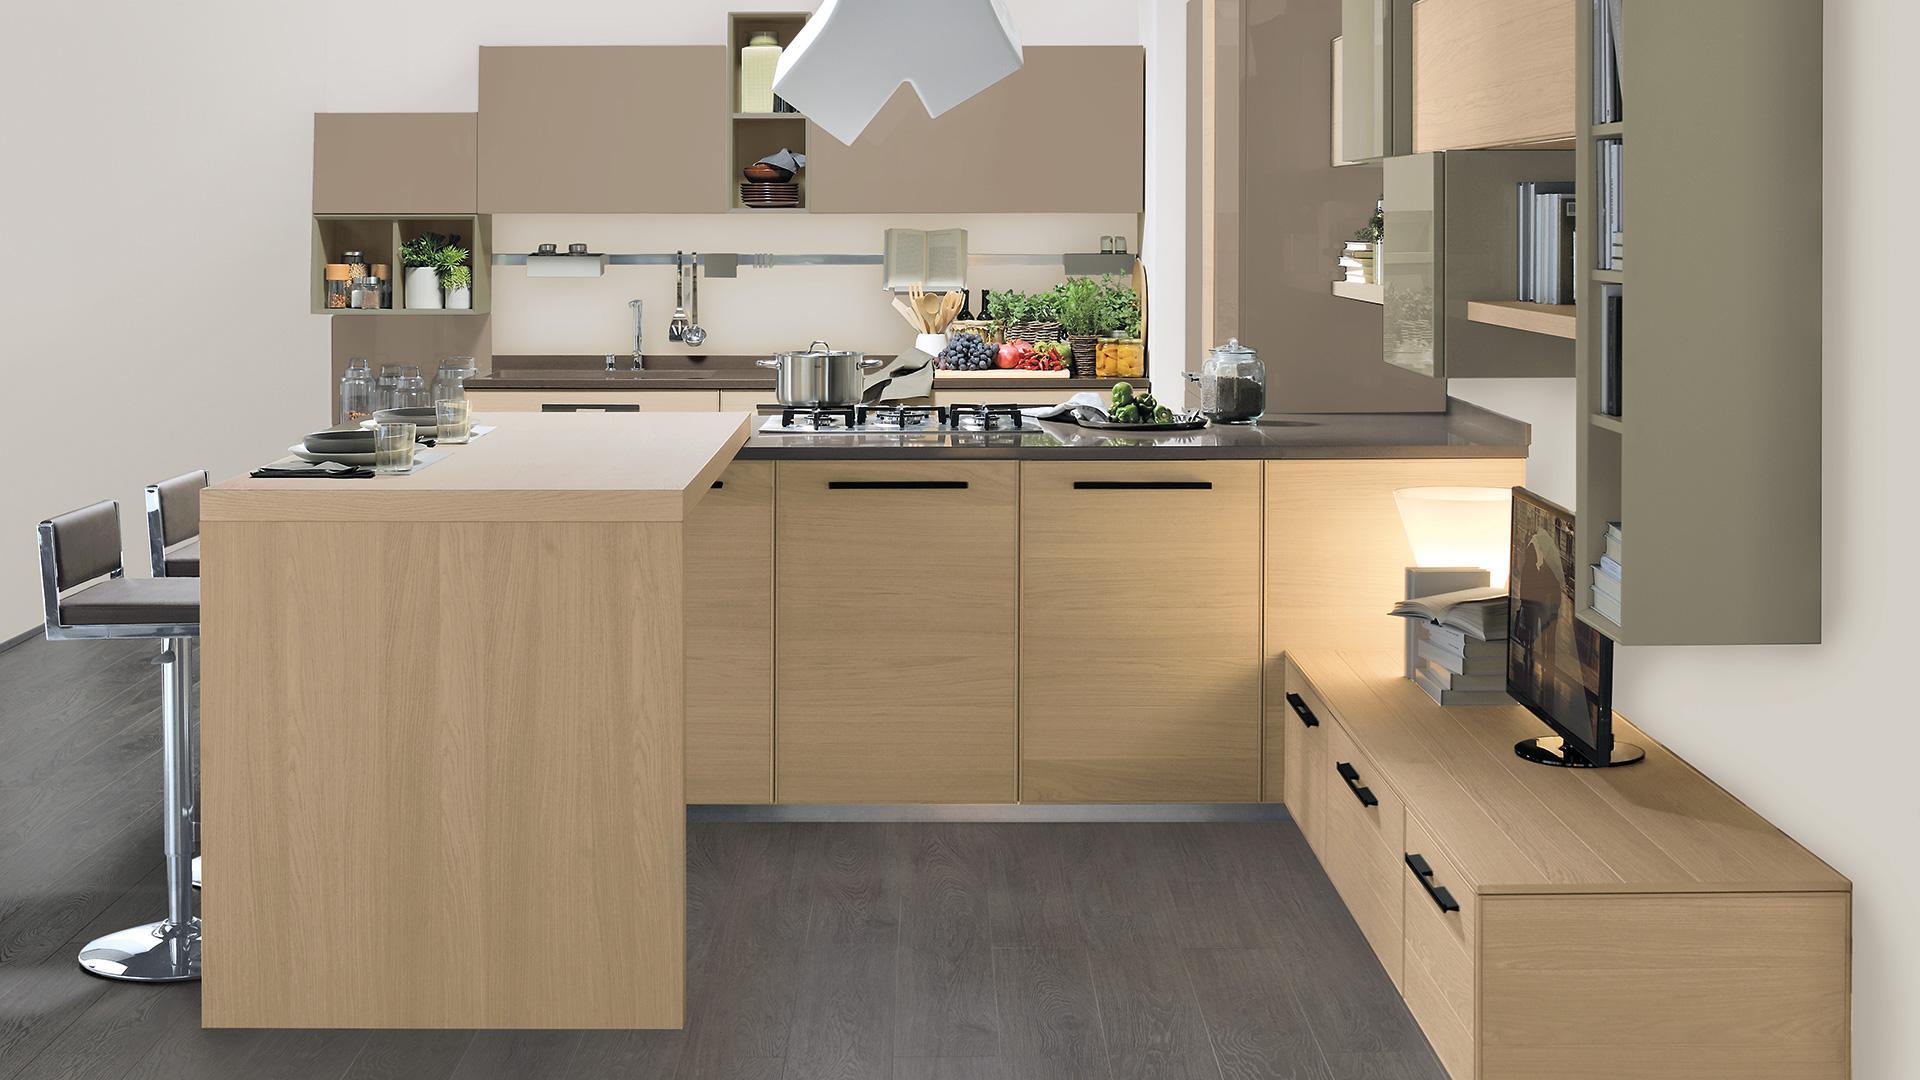 Coznova cozinhas kitchens coznova cozinhas kitchens for Cucina moderna wellington menu